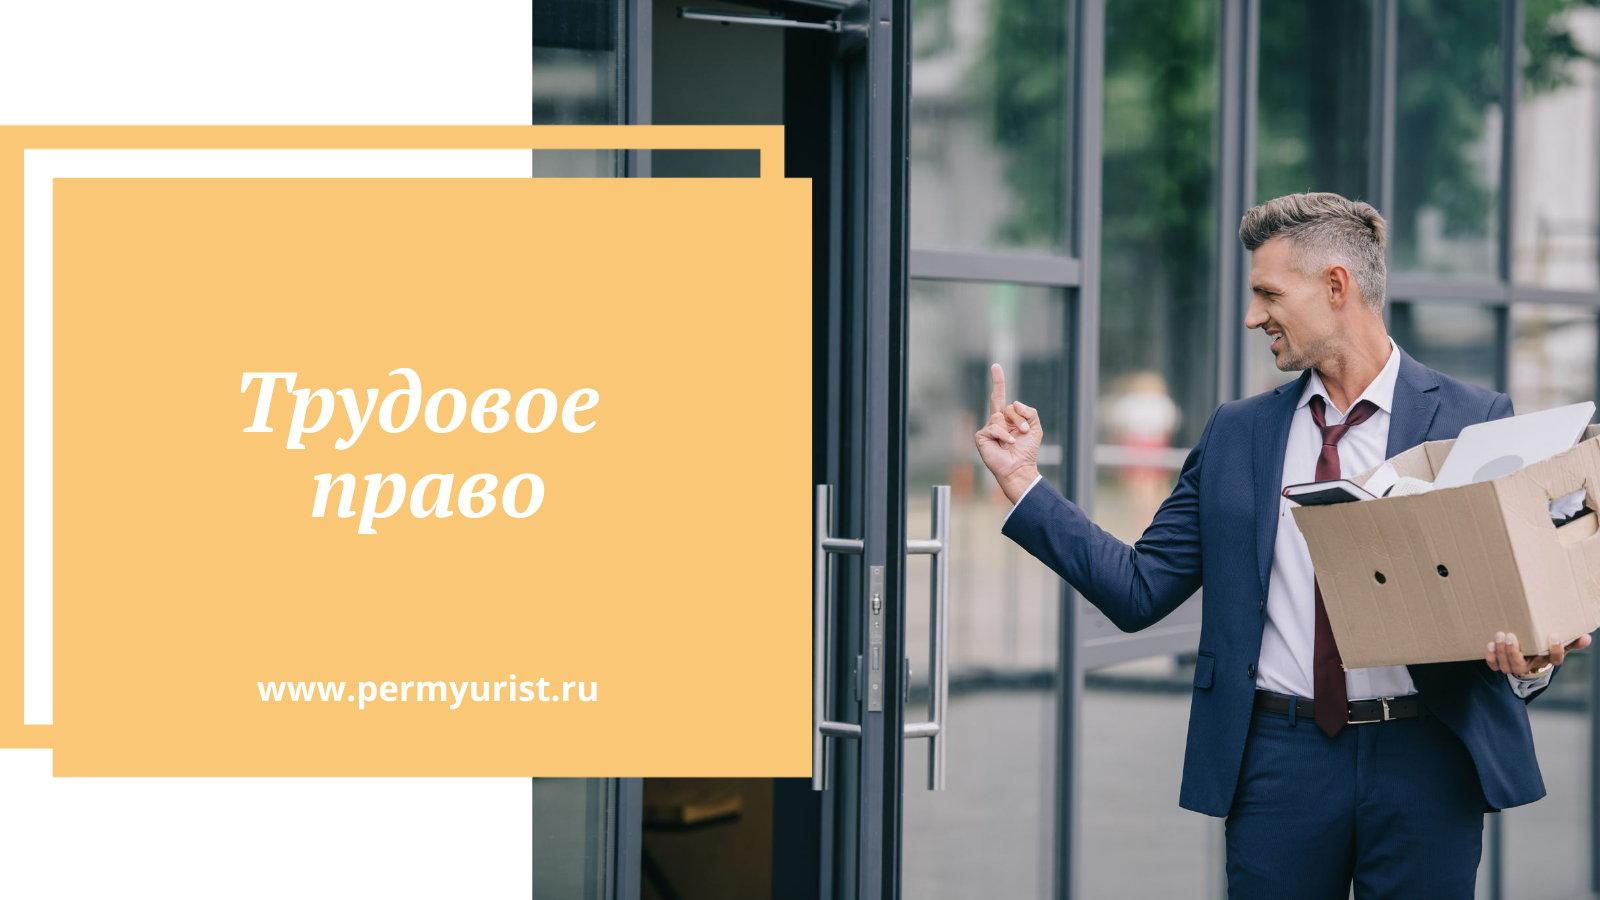 Трудовой адвокат,Трудовой юрист,Юрист по трудовым спорам от компании Юрист Пермь